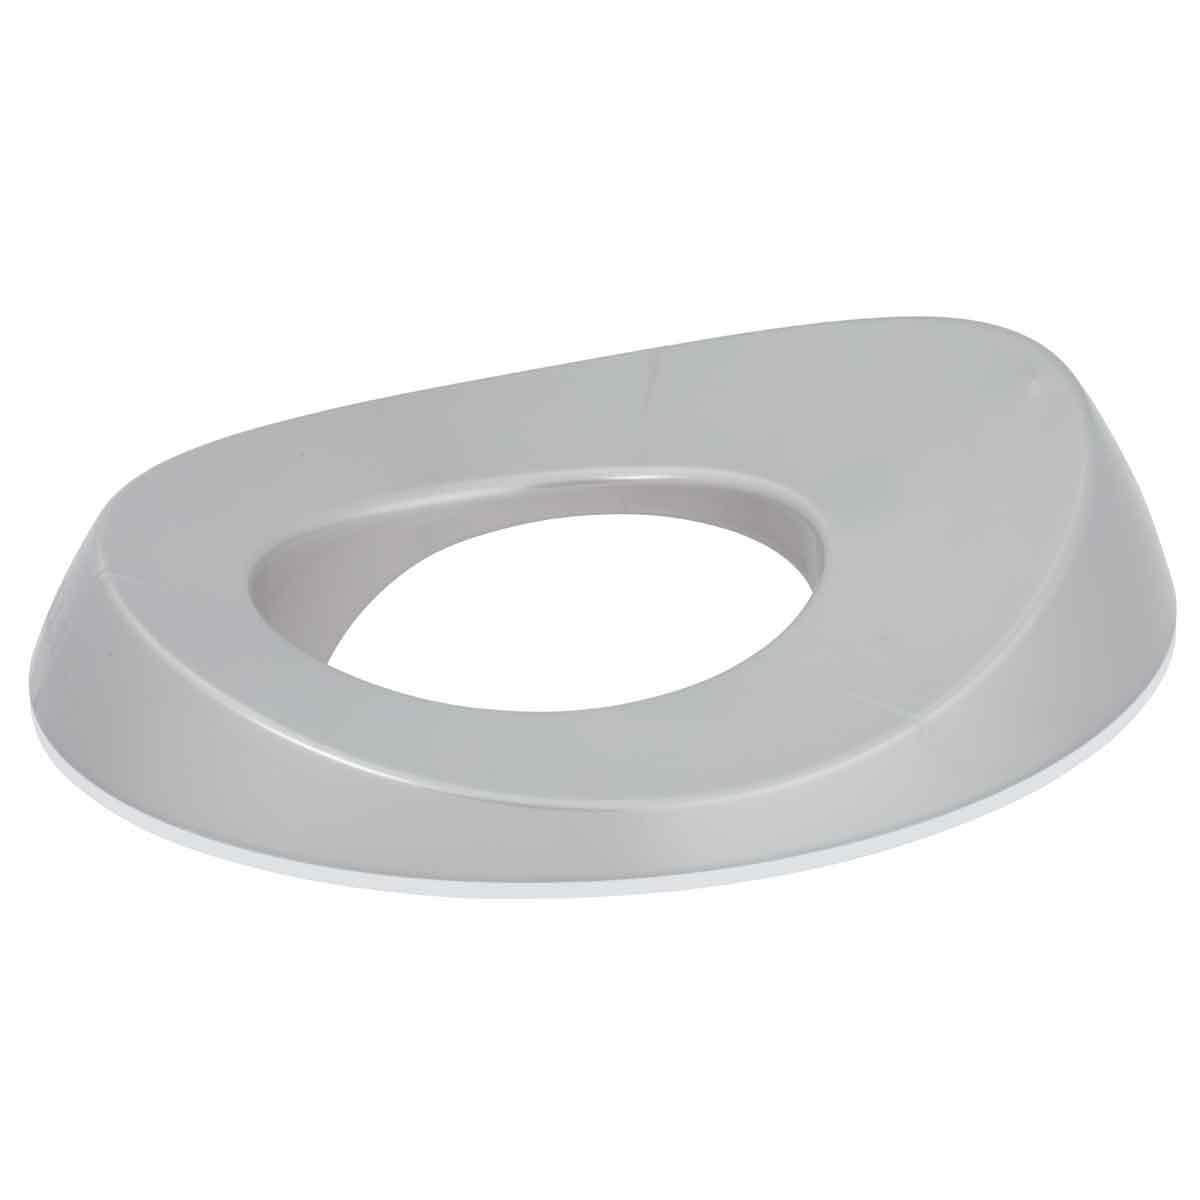 Pot & Réducteur Réducteur de Siège - Sparkling Grey